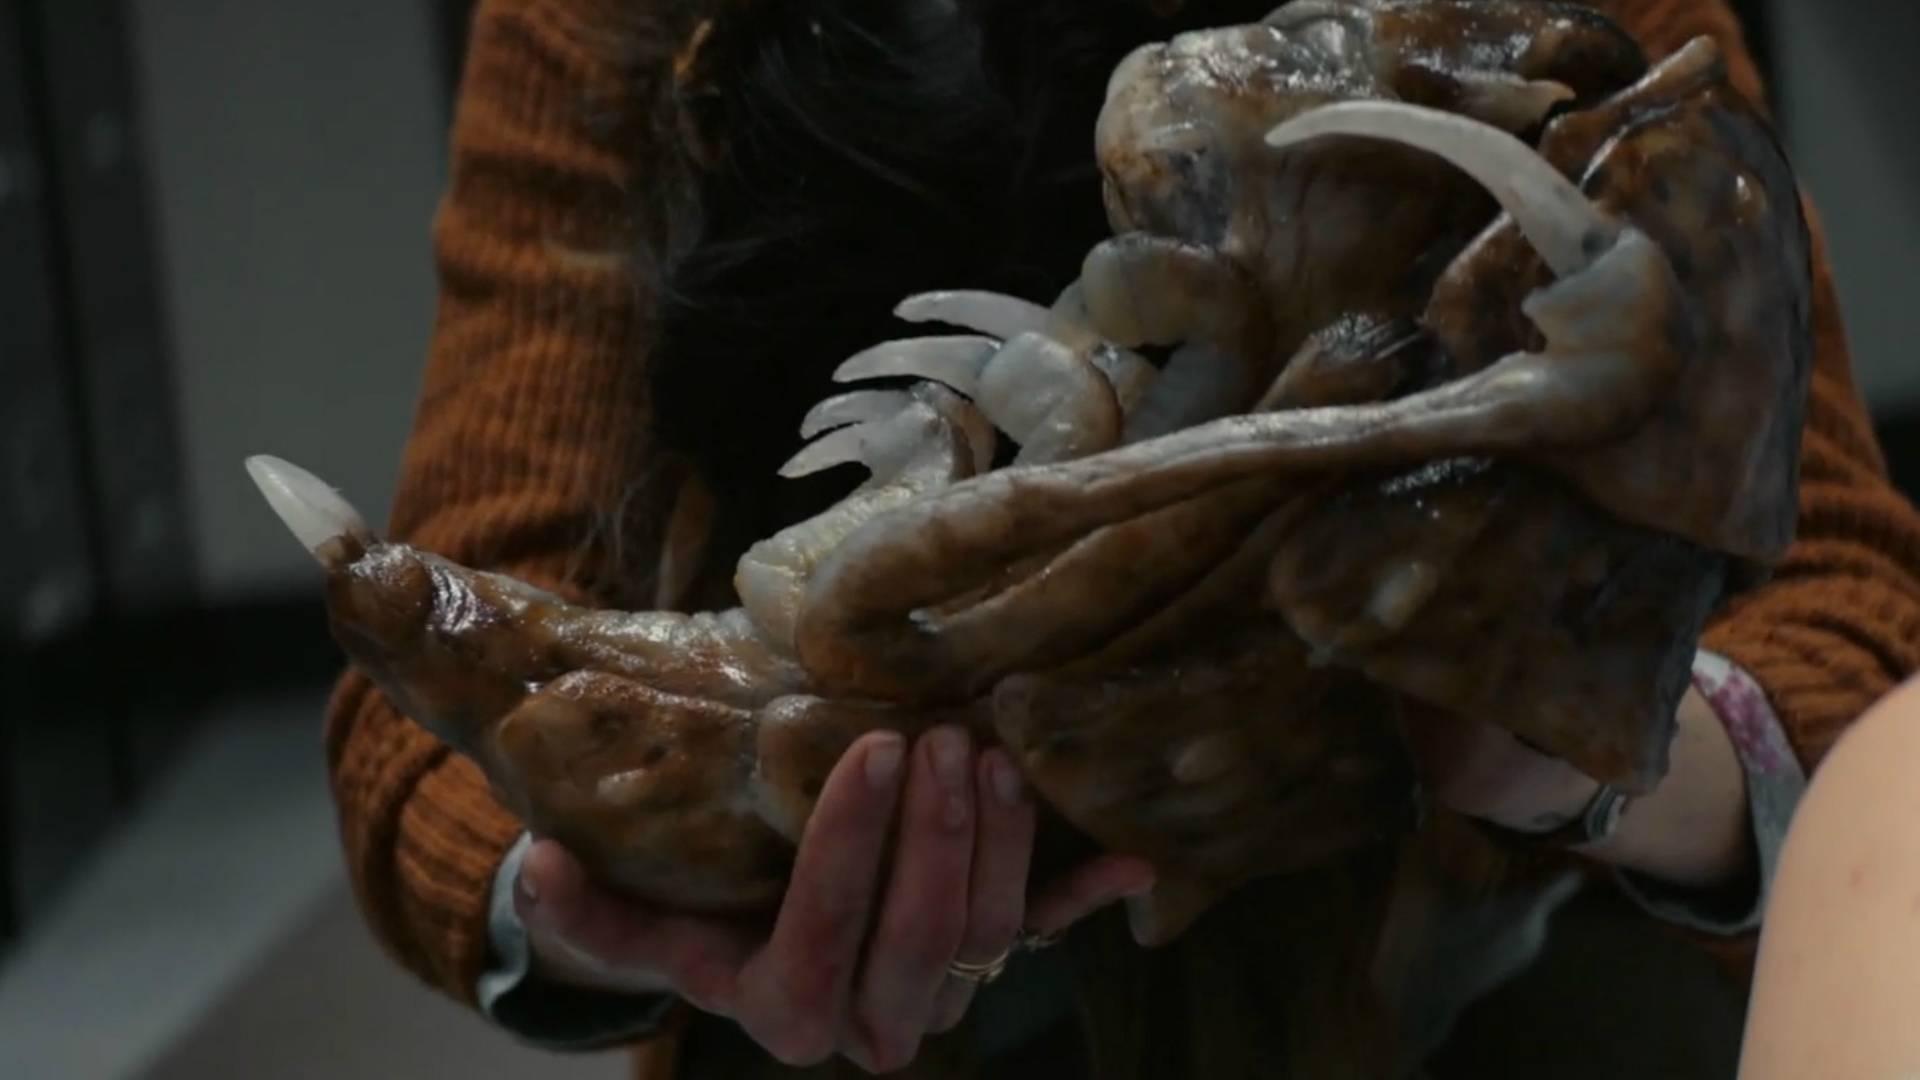 异形借助人类繁殖,三天就孵出一只幼虫虫后,一部怪兽科幻电影